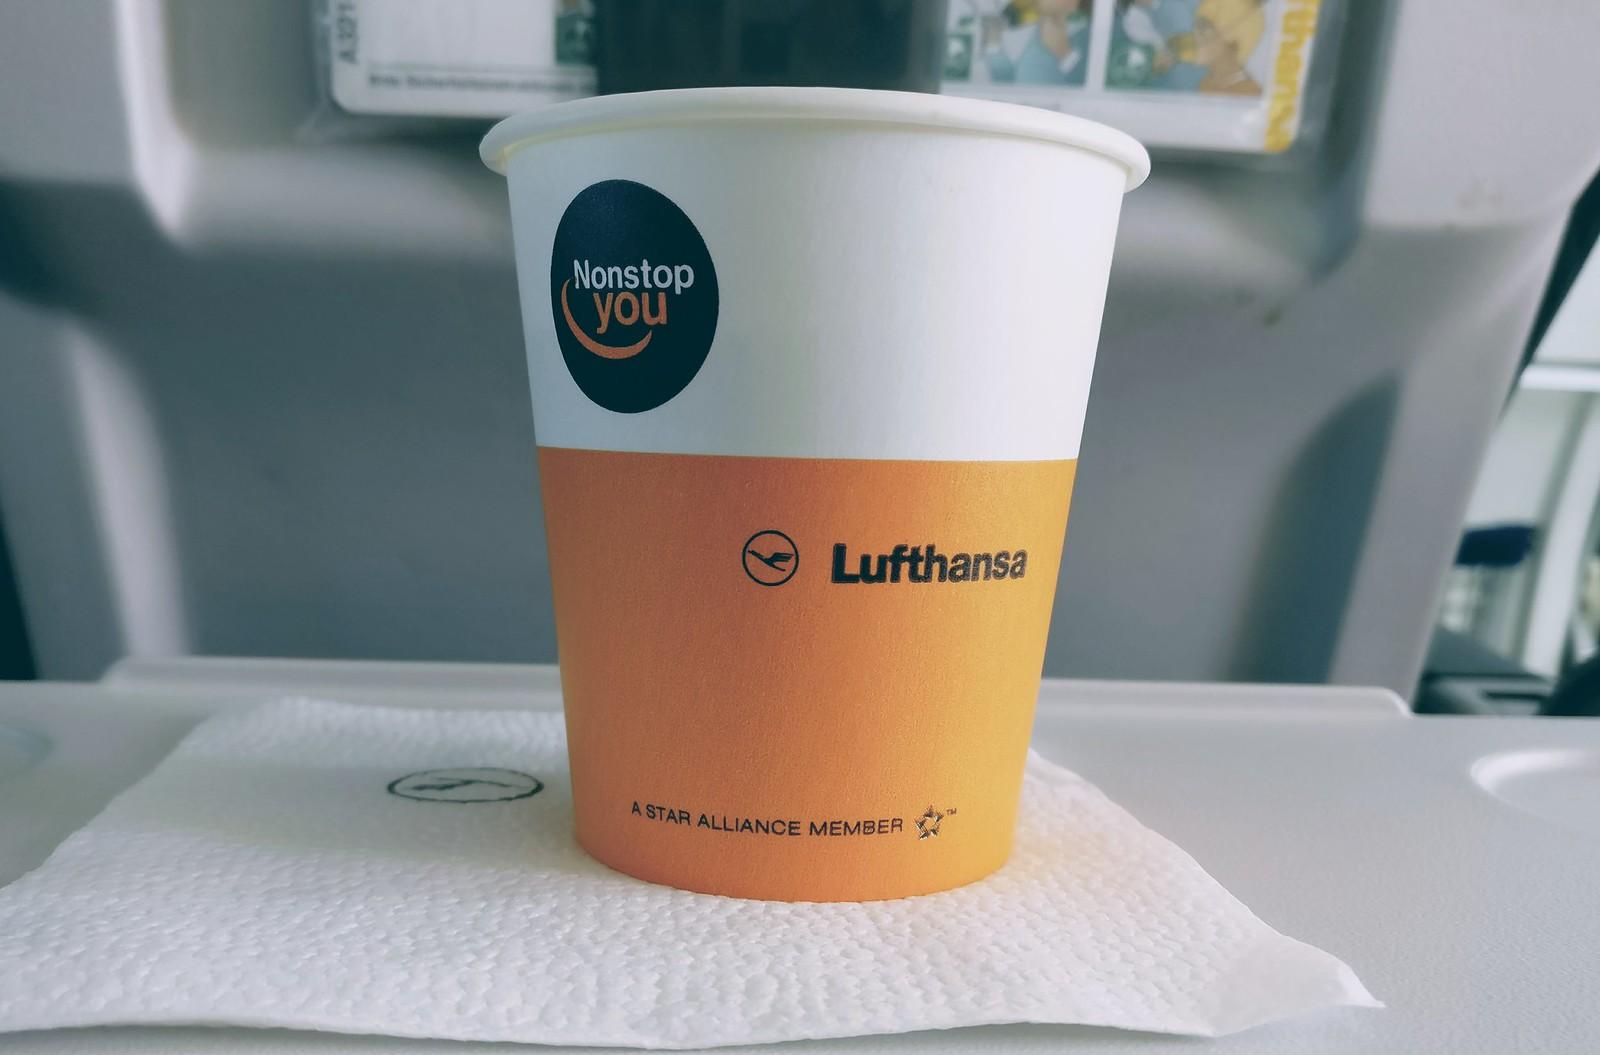 Mein erster kostenloser Flugzeug-Kaffee seit Monaten